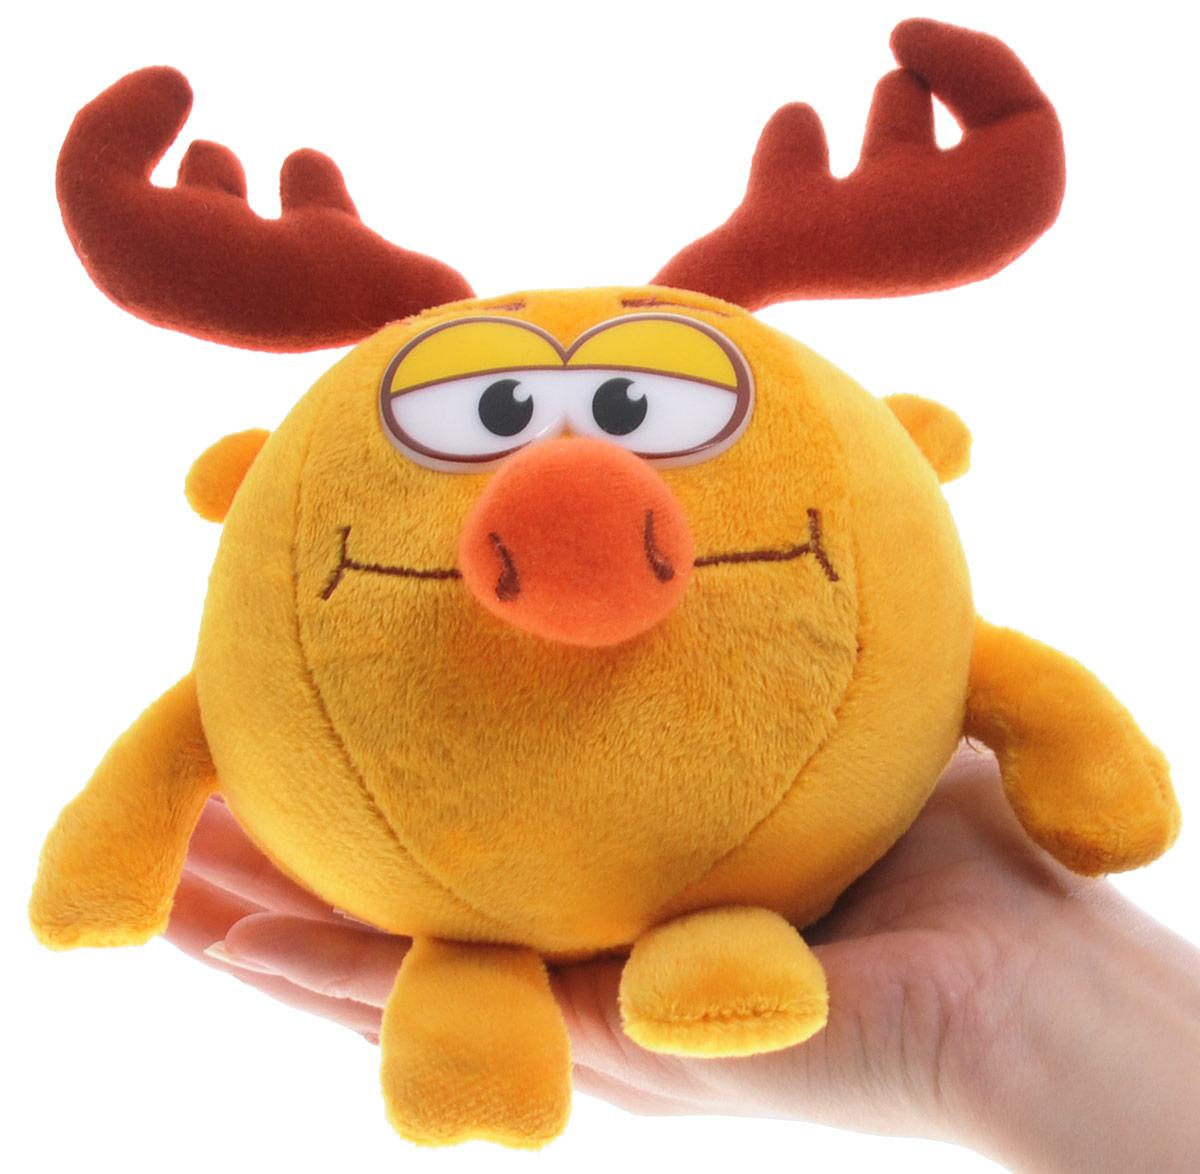 Мульти-Пульти Мягкая озвученная игрушка Смешарики Лосяш 10 см